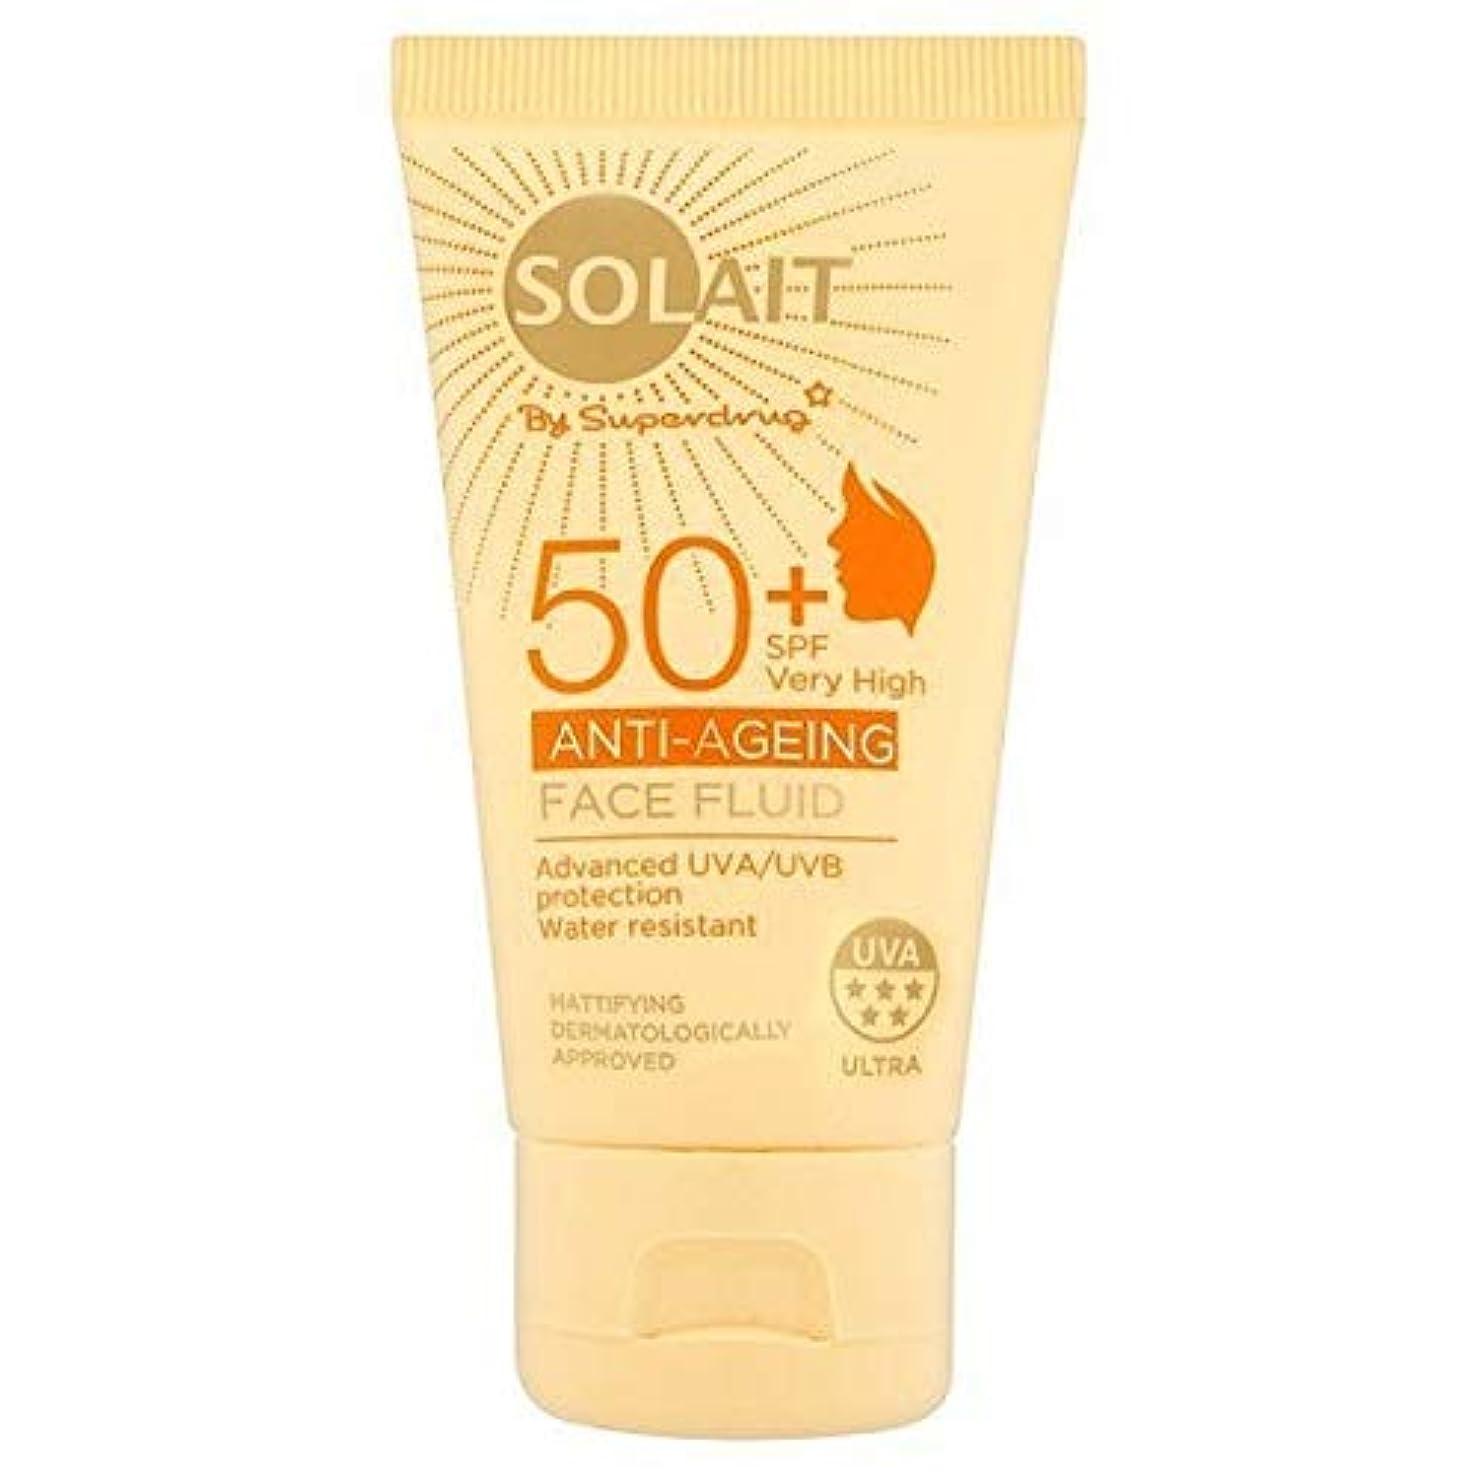 試験寓話クアッガ[Solait] Solait顔日クリームSpf50液の50ミリリットル - Solait Face Sun Cream Fluid SPF50 50ml [並行輸入品]